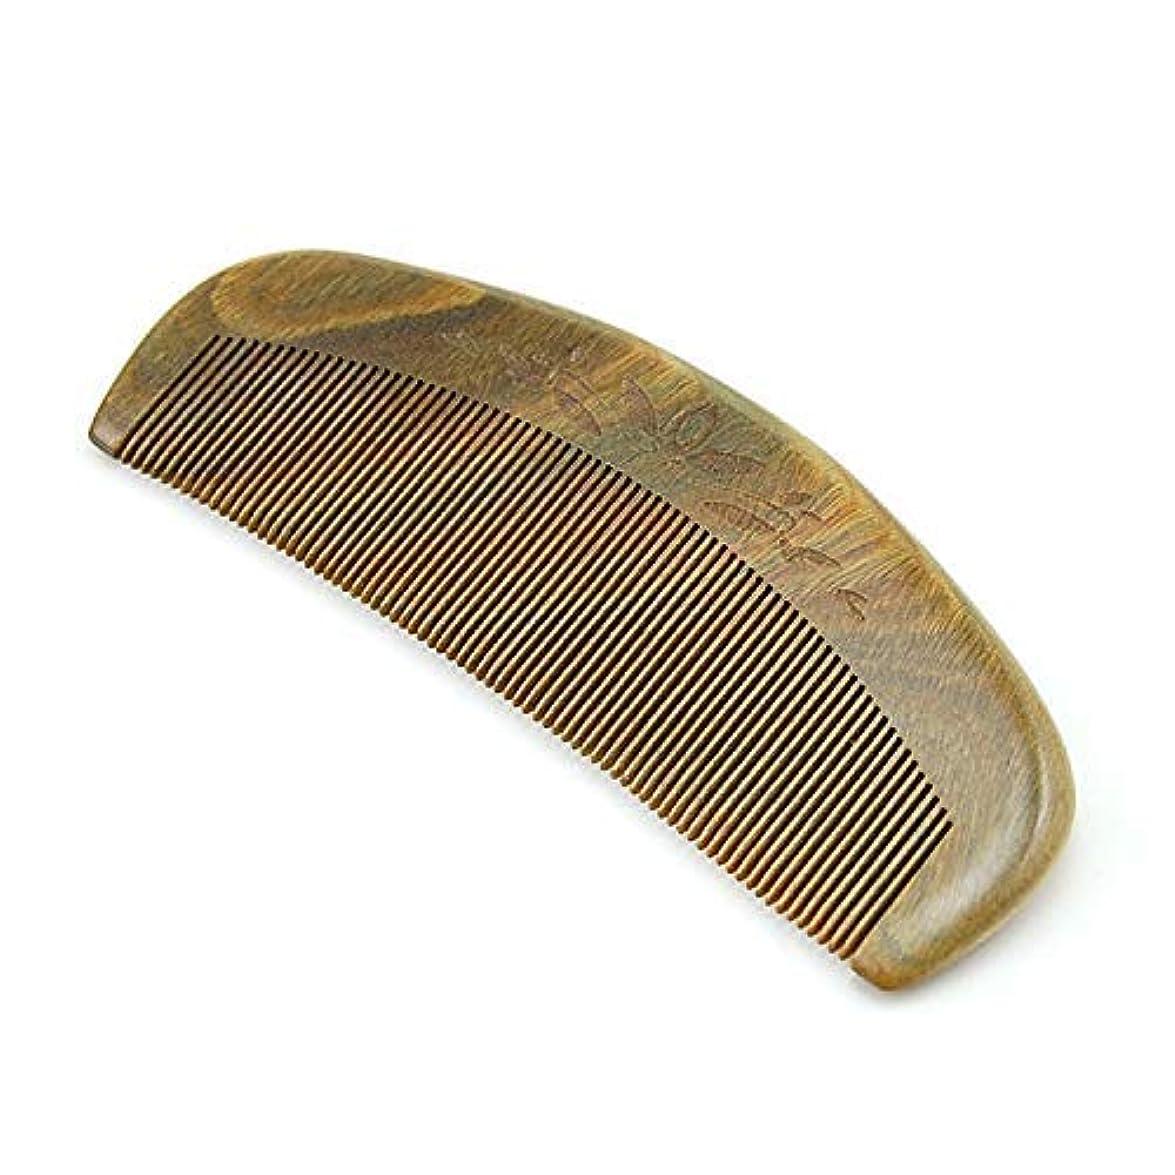 蚊センブランスのBrand New and Natural Green Sandalwood Fine Tooth Comb, Anti Static Pocket Wooden Comb [並行輸入品]